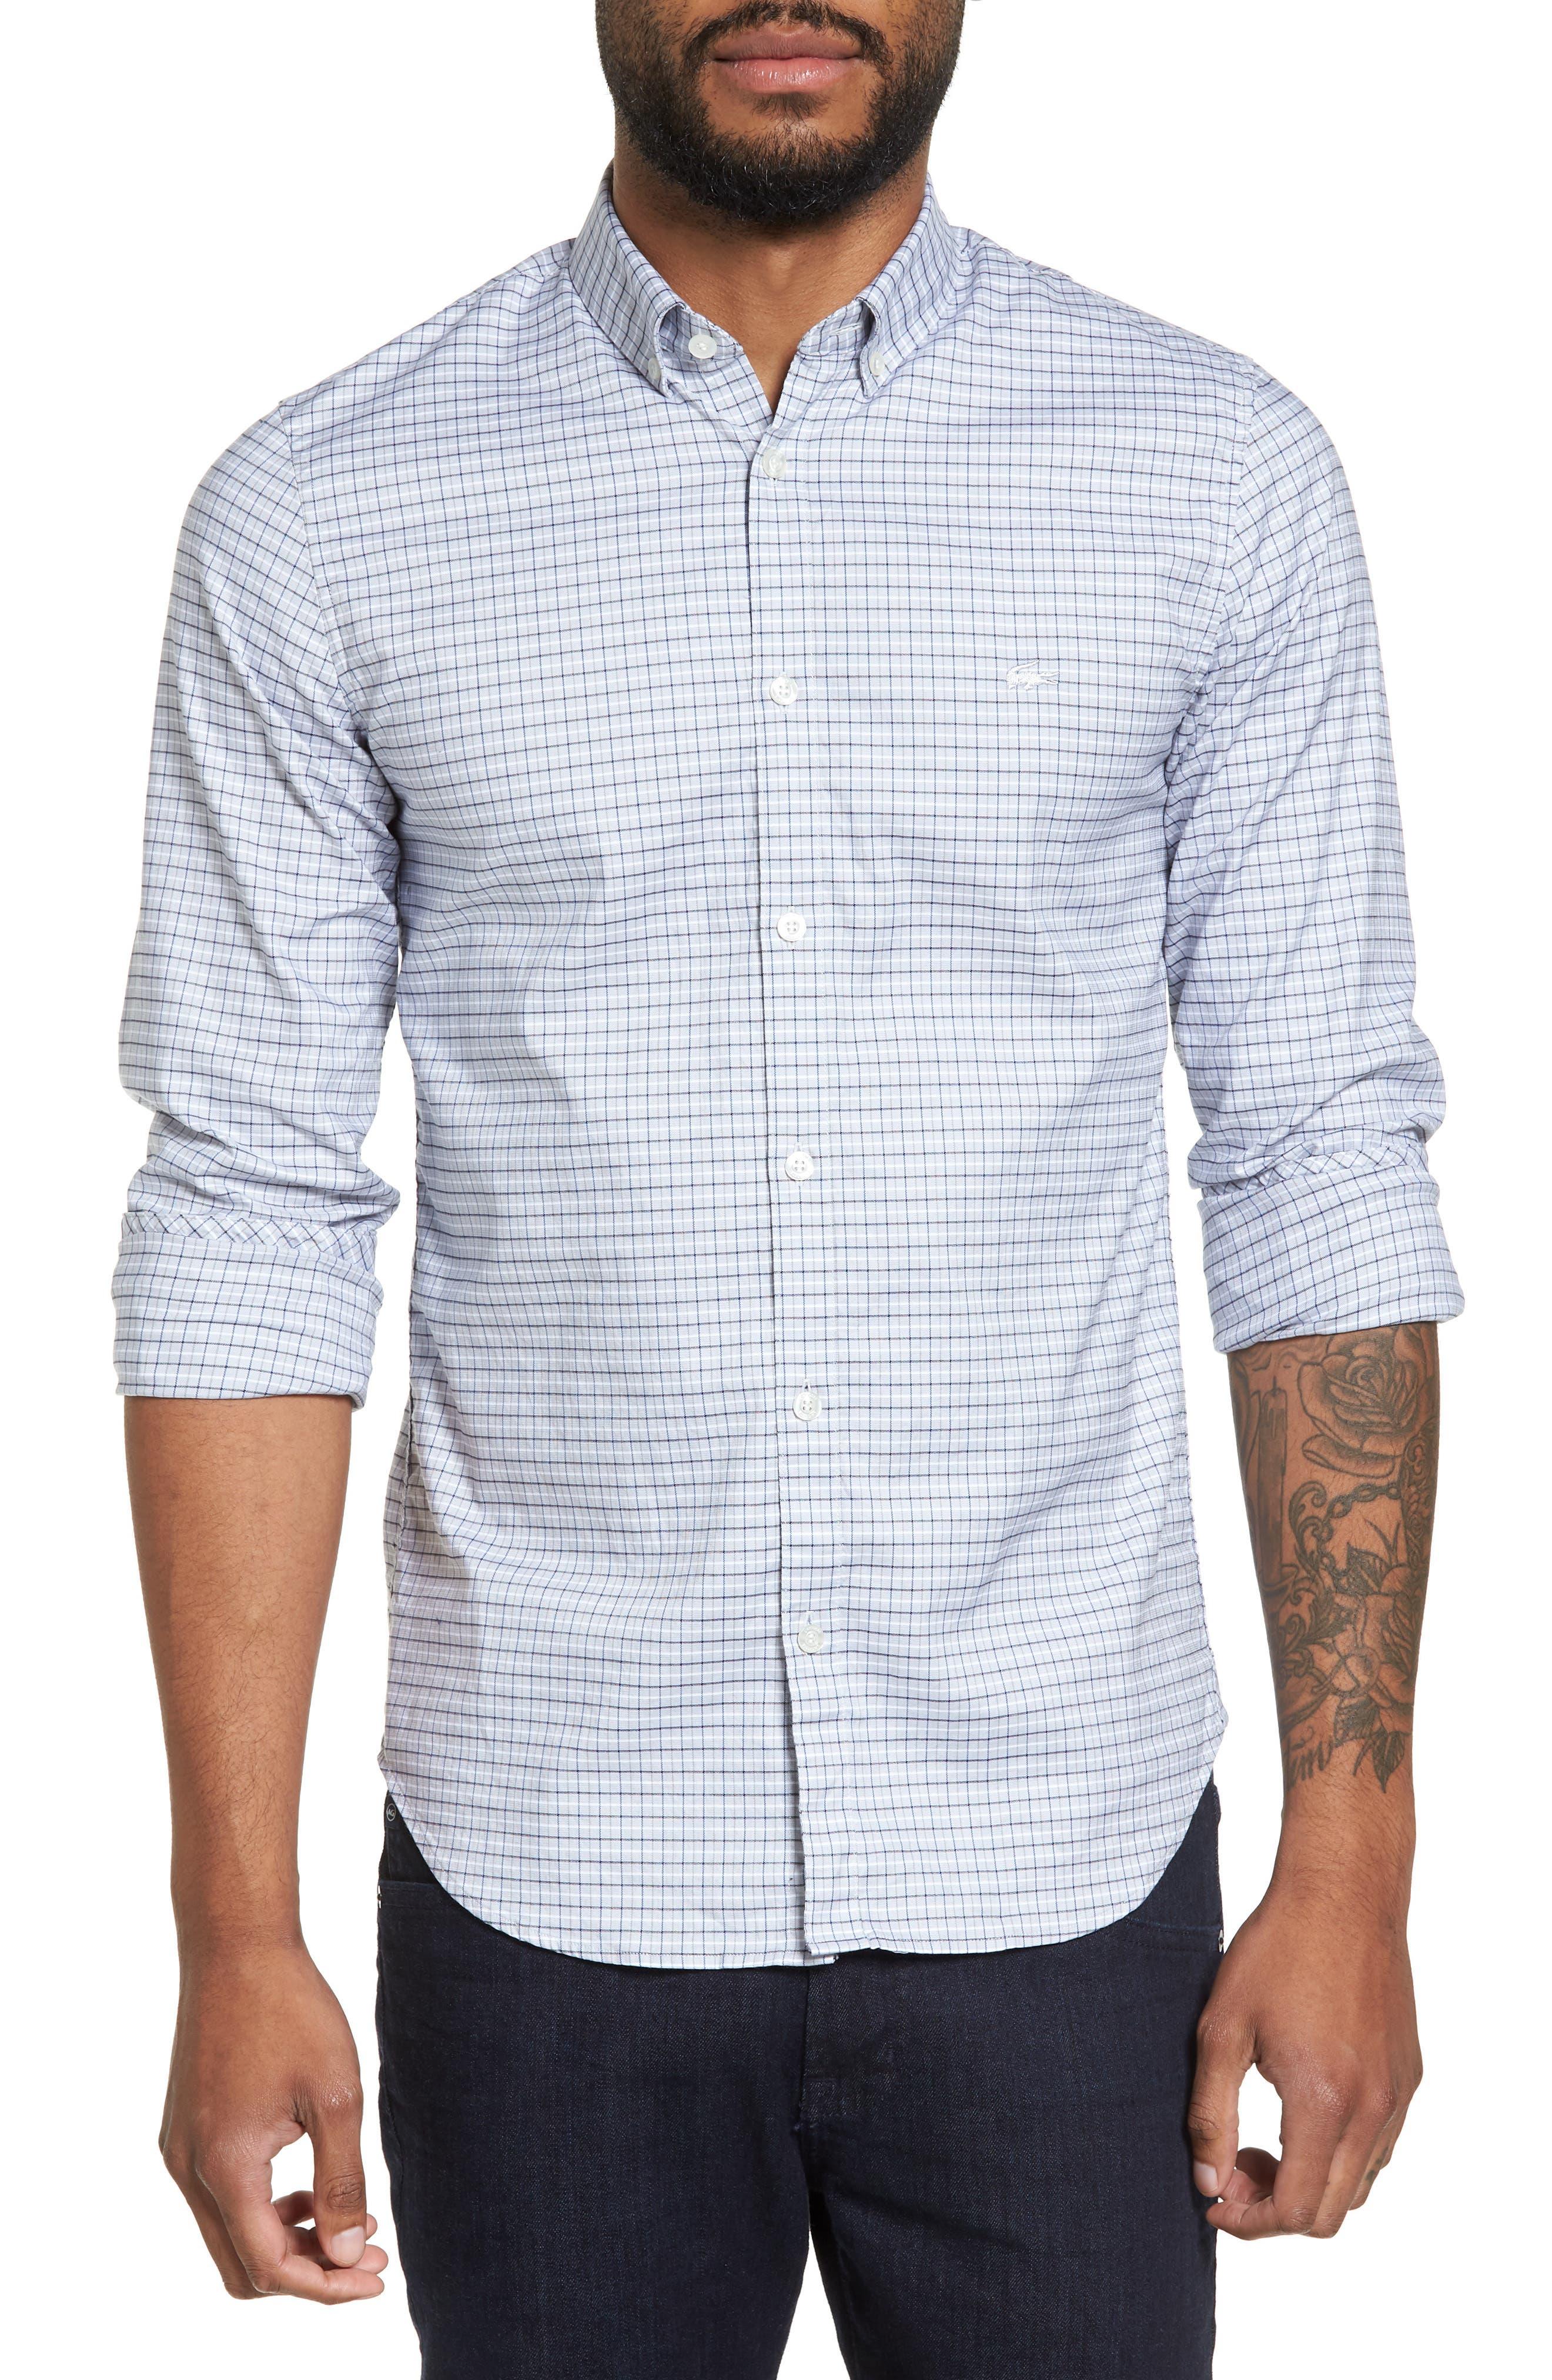 LACOSTE Slim Fit Plaid Shirt, Main, color, 061